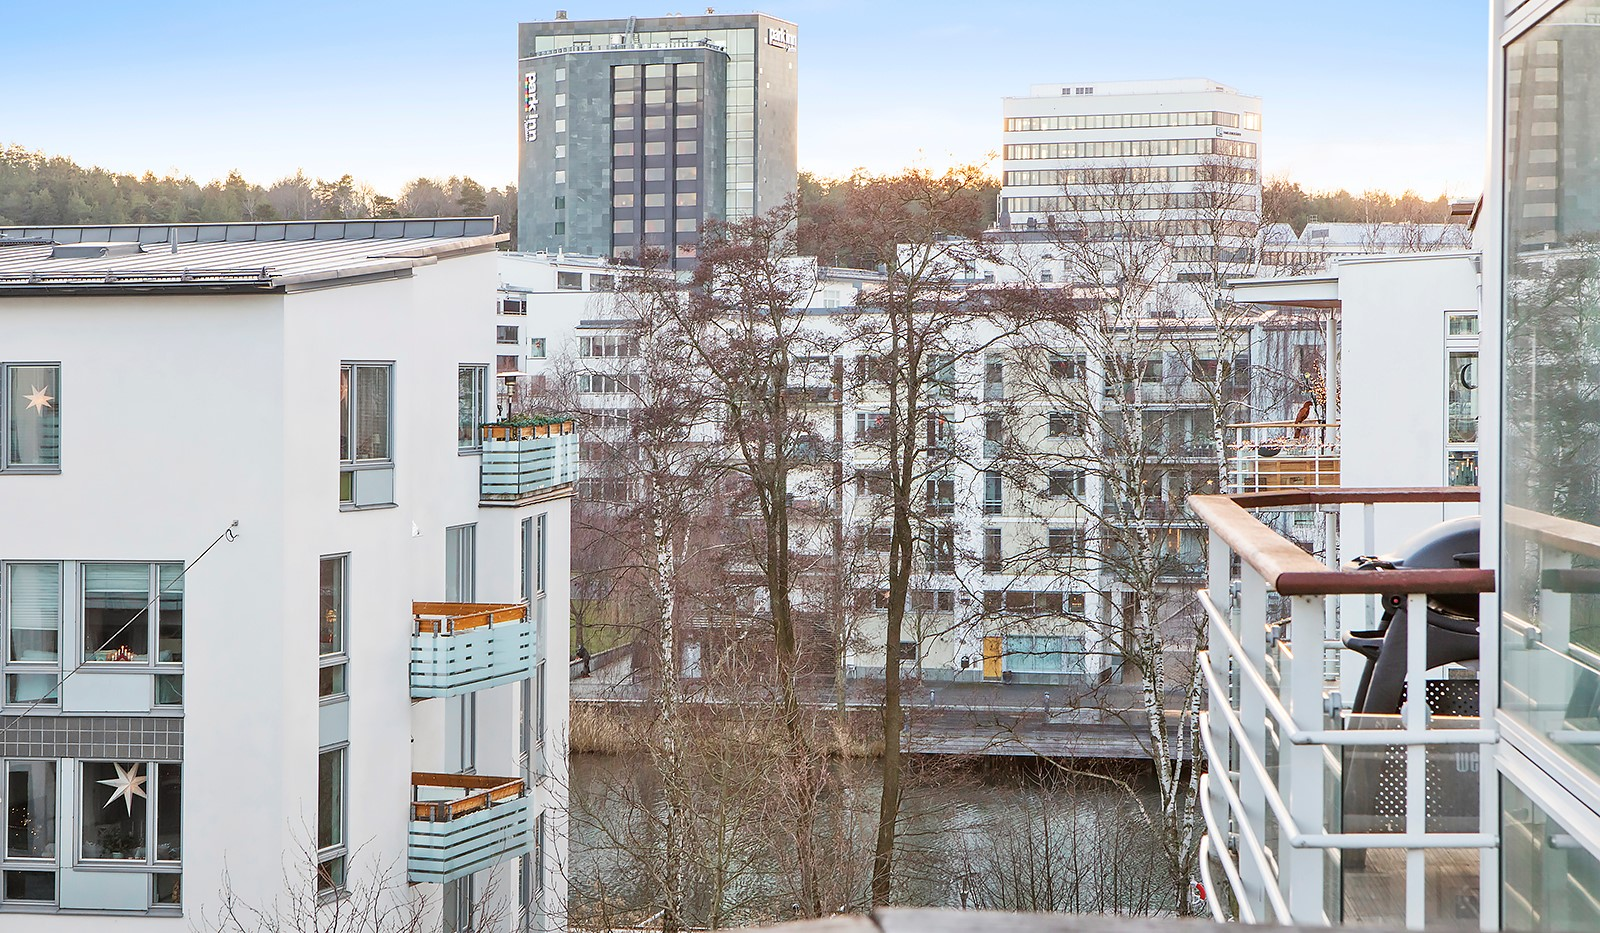 Sickla kanalgata 67, 3 tr - Från balkongen har man än härlig vy över Sickla Kanal